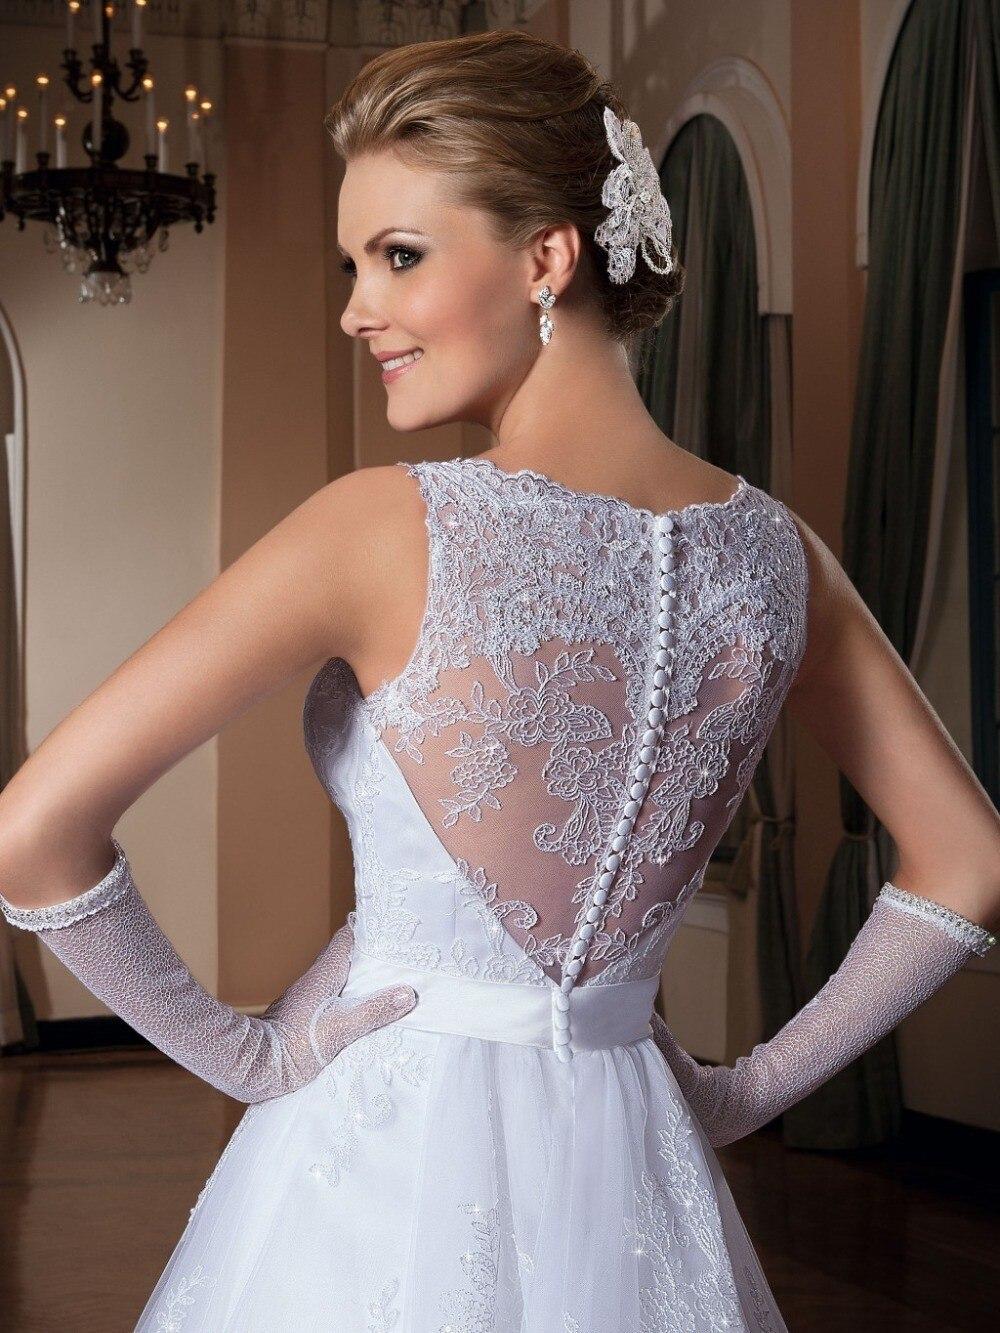 the bride bridal cover ups turtleneck wedding dress Sydney Topper Sydney Topper